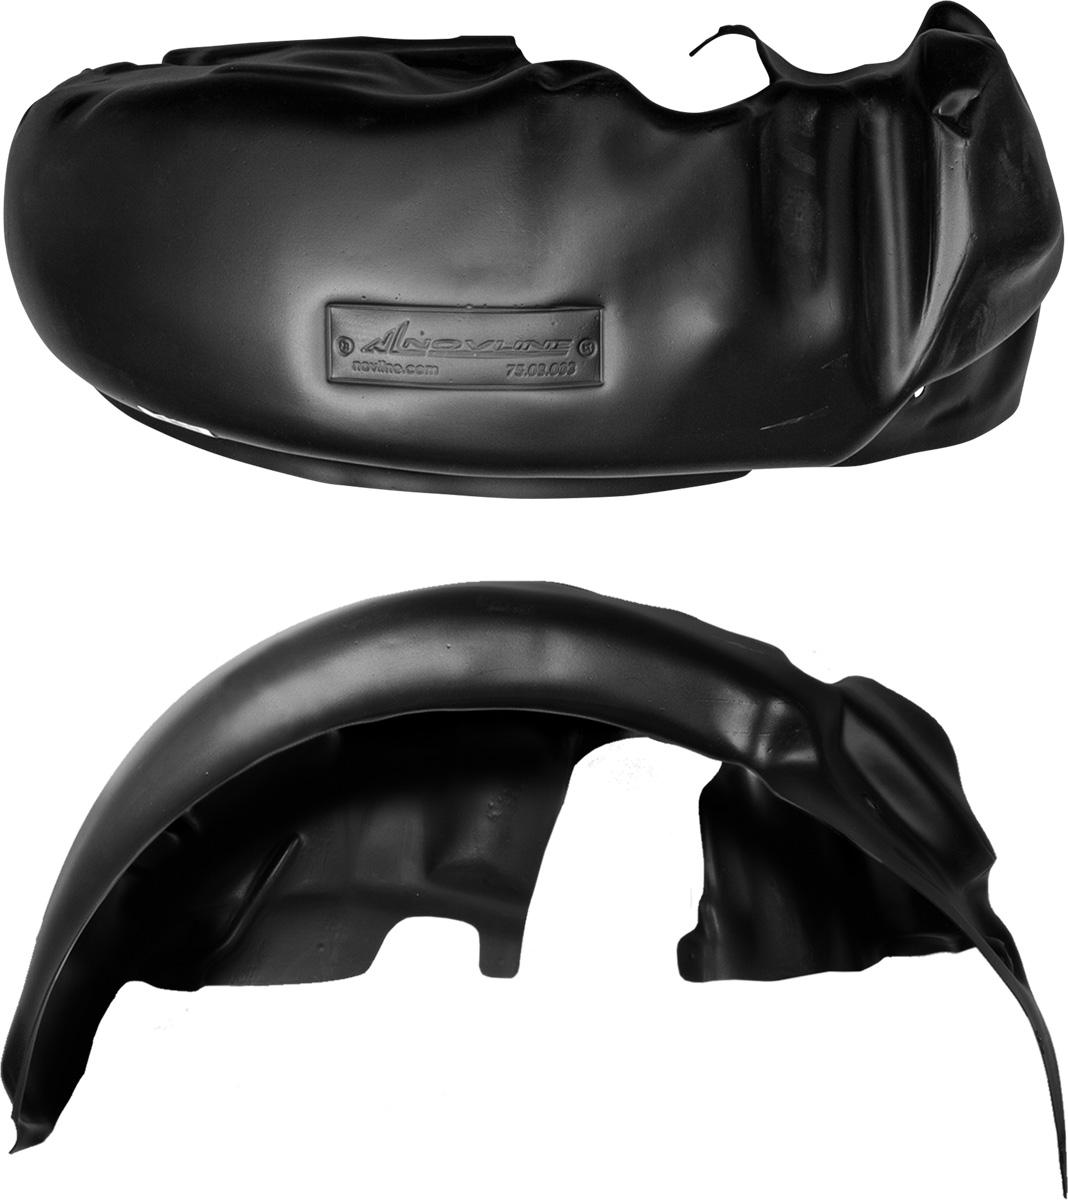 Подкрылок RENAULT Sandero 2010-07/2013, задний левыйNLL.41.18.003Колесные ниши – одни из самых уязвимых зон днища вашего автомобиля. Они постоянно подвергаются воздействию со стороны дороги. Лучшая, почти абсолютная защита для них - специально отформованные пластиковые кожухи, которые называются подкрылками, или локерами. Производятся они как для отечественных моделей автомобилей, так и для иномарок. Подкрылки выполнены из высококачественного, экологически чистого пластика. Обеспечивают надежную защиту кузова автомобиля от пескоструйного эффекта и негативного влияния, агрессивных антигололедных реагентов. Пластик обладает более низкой теплопроводностью, чем металл, поэтому в зимний период эксплуатации использование пластиковых подкрылков позволяет лучше защитить колесные ниши от налипания снега и образования наледи. Оригинальность конструкции подчеркивает элегантность автомобиля, бережно защищает нанесенное на днище кузова антикоррозийное покрытие и позволяет осуществить крепление подкрылков внутри колесной арки практически без дополнительного крепежа и сверления, не нарушая при этом лакокрасочного покрытия, что предотвращает возникновение новых очагов коррозии. Технология крепления подкрылков на иномарки принципиально отличается от крепления на российские автомобили и разрабатывается индивидуально для каждой модели автомобиля. Подкрылки долговечны, обладают высокой прочностью и сохраняют заданную форму, а также все свои физико-механические характеристики в самых тяжелых климатических условиях ( от -50° С до + 50° С).